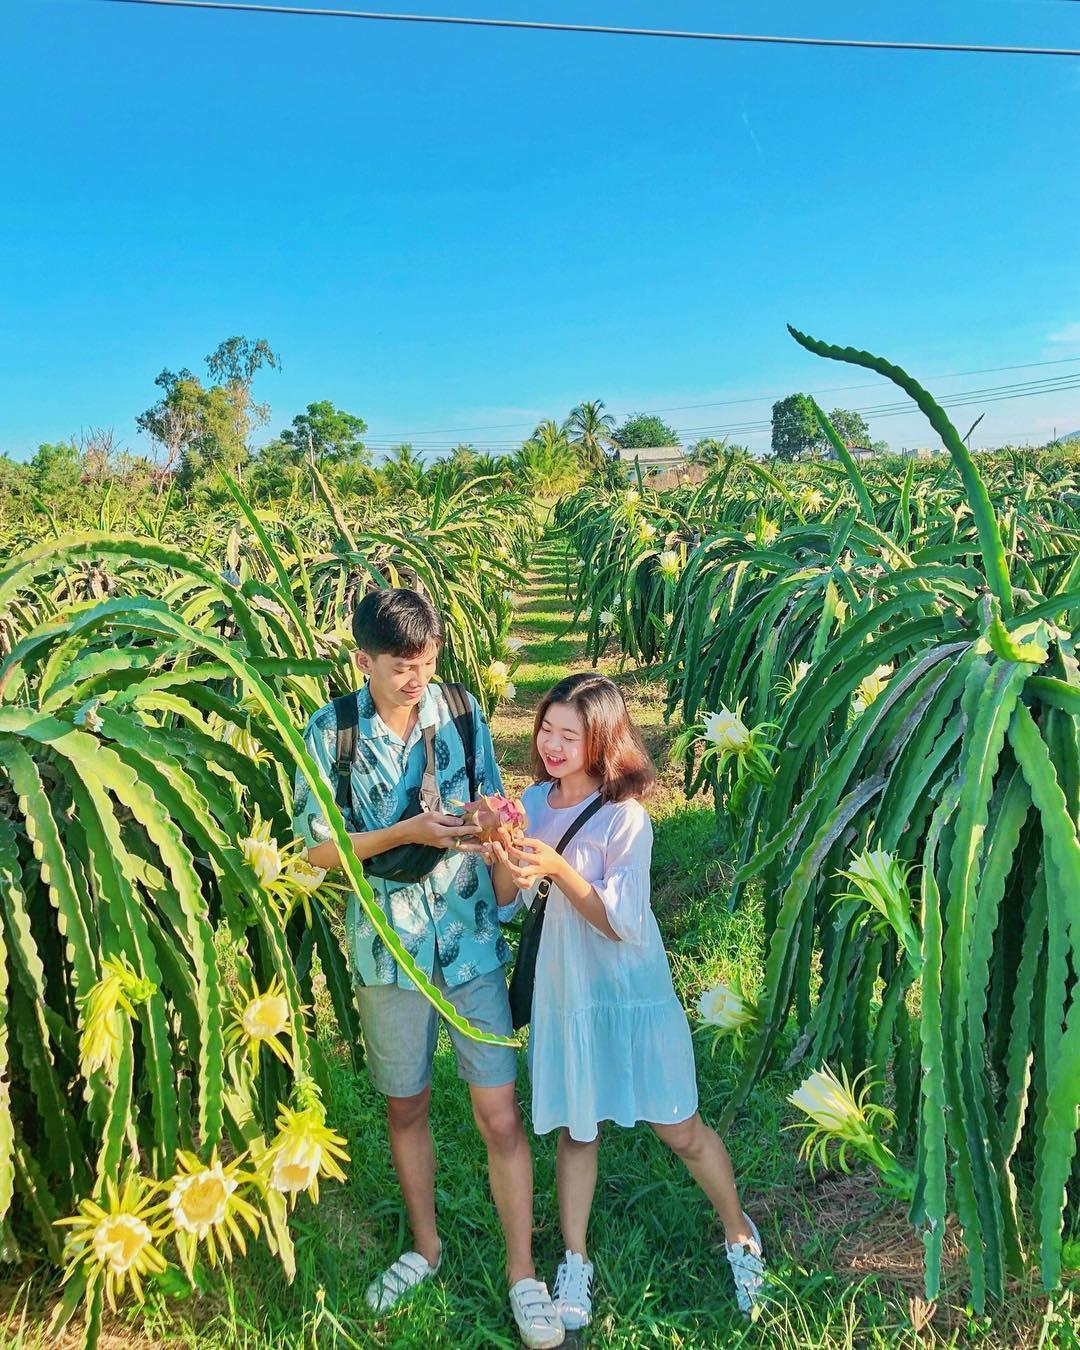 Ai mà ngờ có ngày vườn thanh long ở Phan Thiết lại trở thành điểm đến hot hòn họt được giới trẻ đổ xô kéo đến - Ảnh 5.